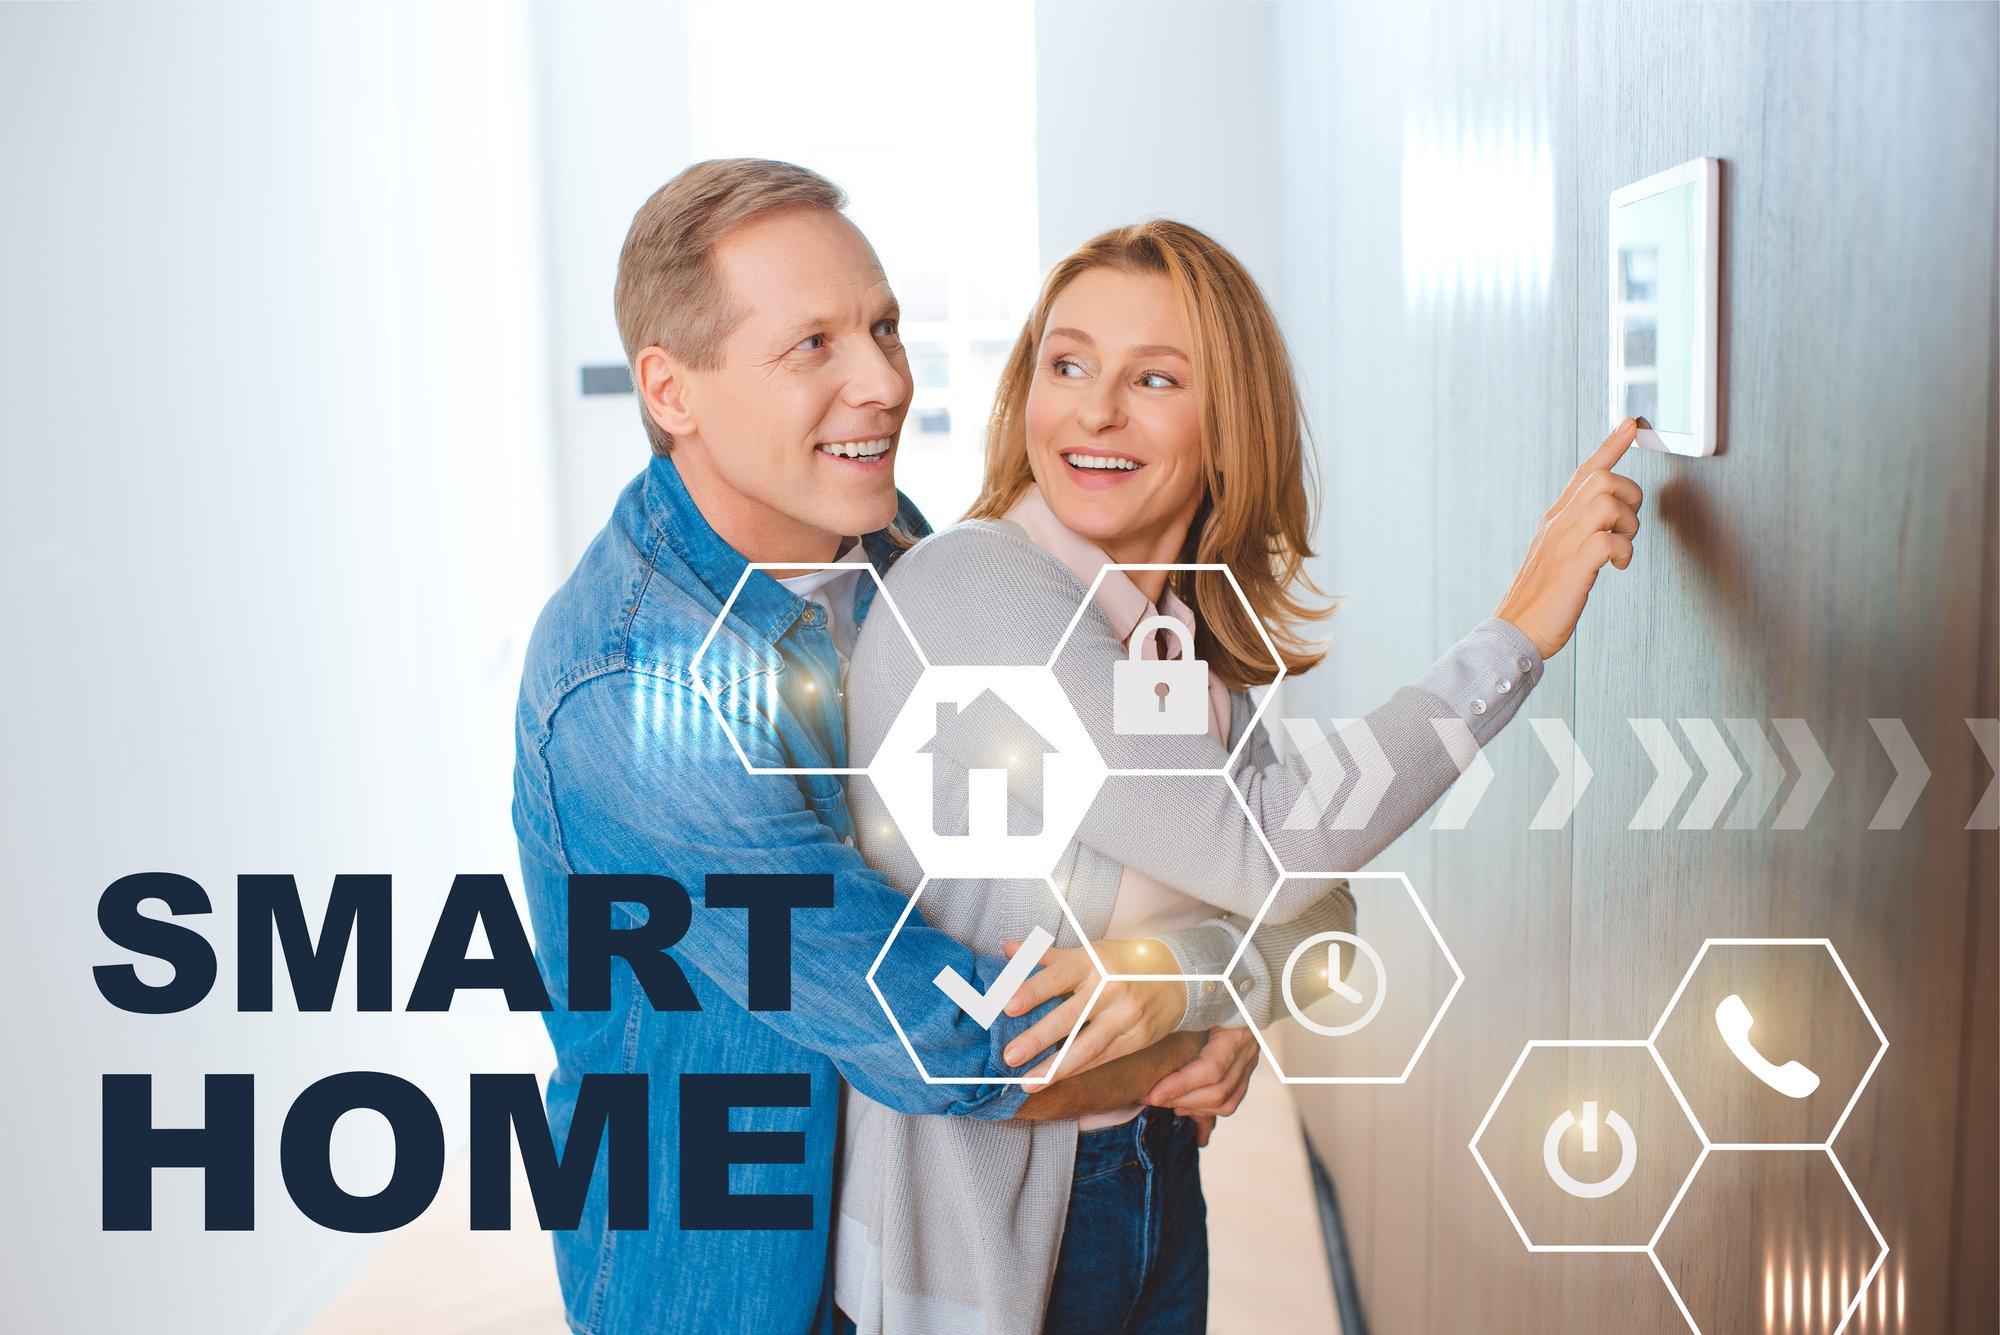 smart home for brighter future